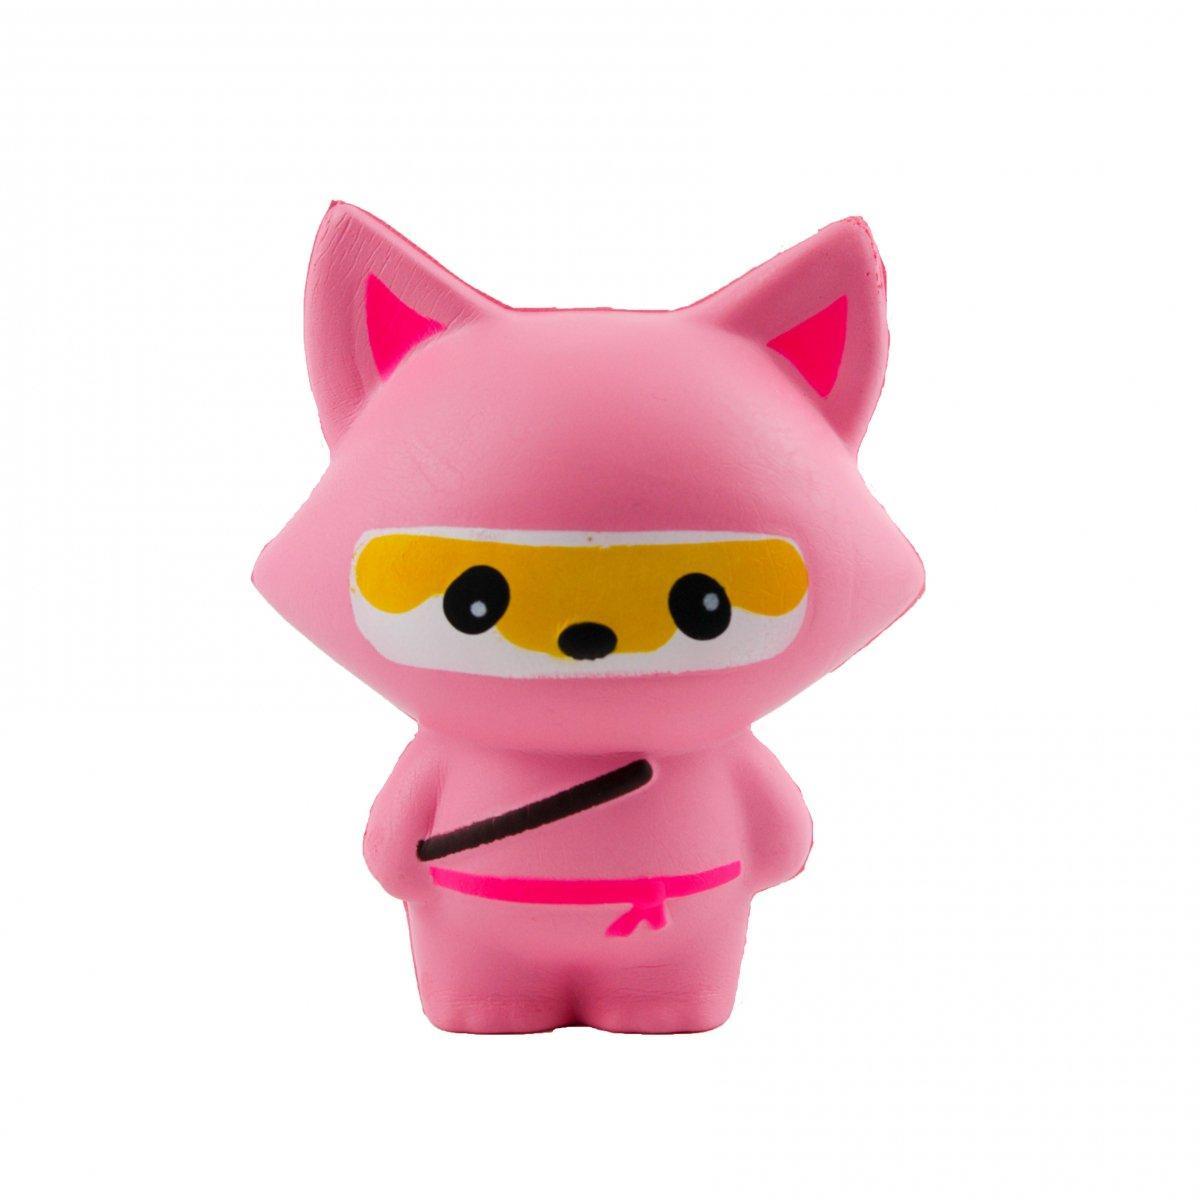 Сквиши игрушка антистресс Squishy Лиса нинзя большая 132236